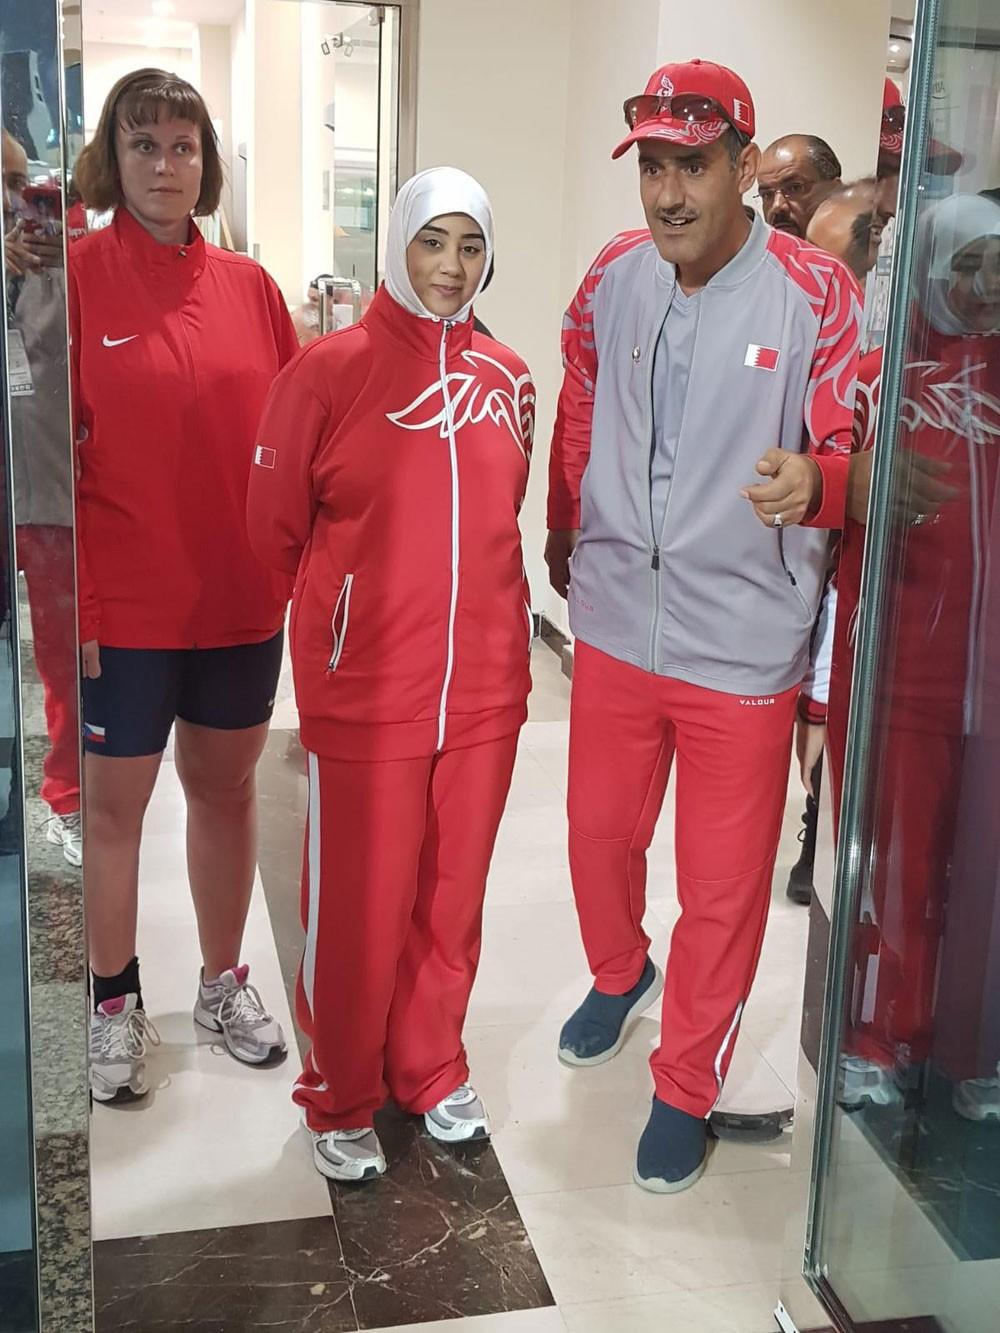 بطولة المغرب الدولية لذوي العزيمة تنطلق بمشاركة 330 لاعب يمثلون 33 بلدا